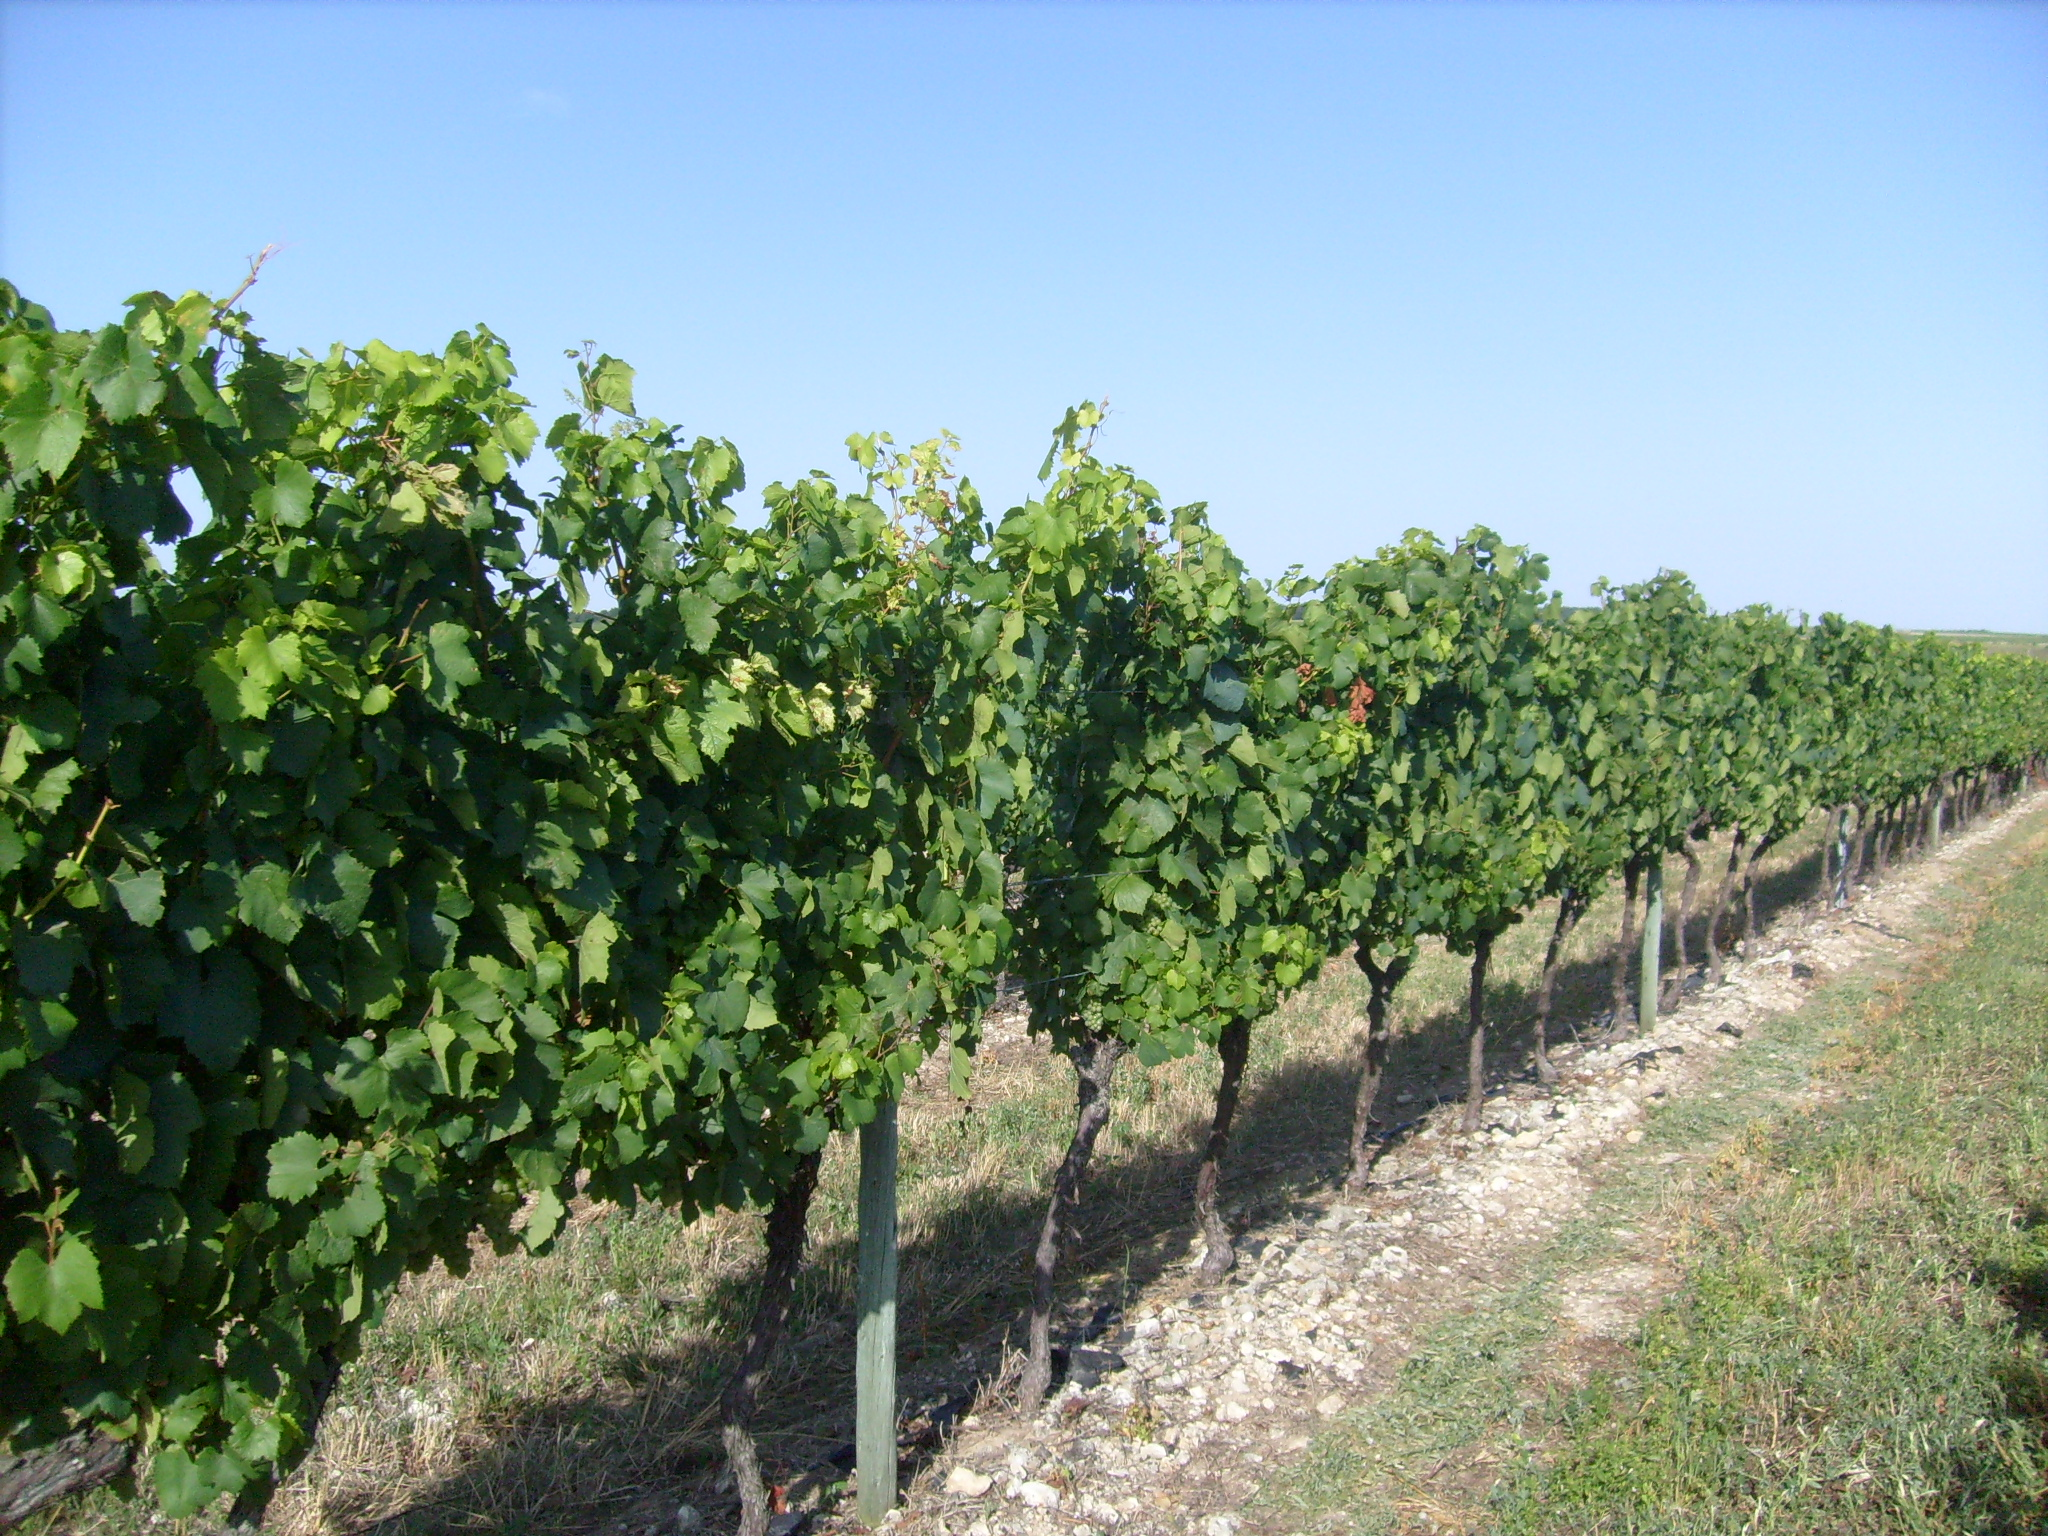 Les vignobles de Charente-Maritime 3